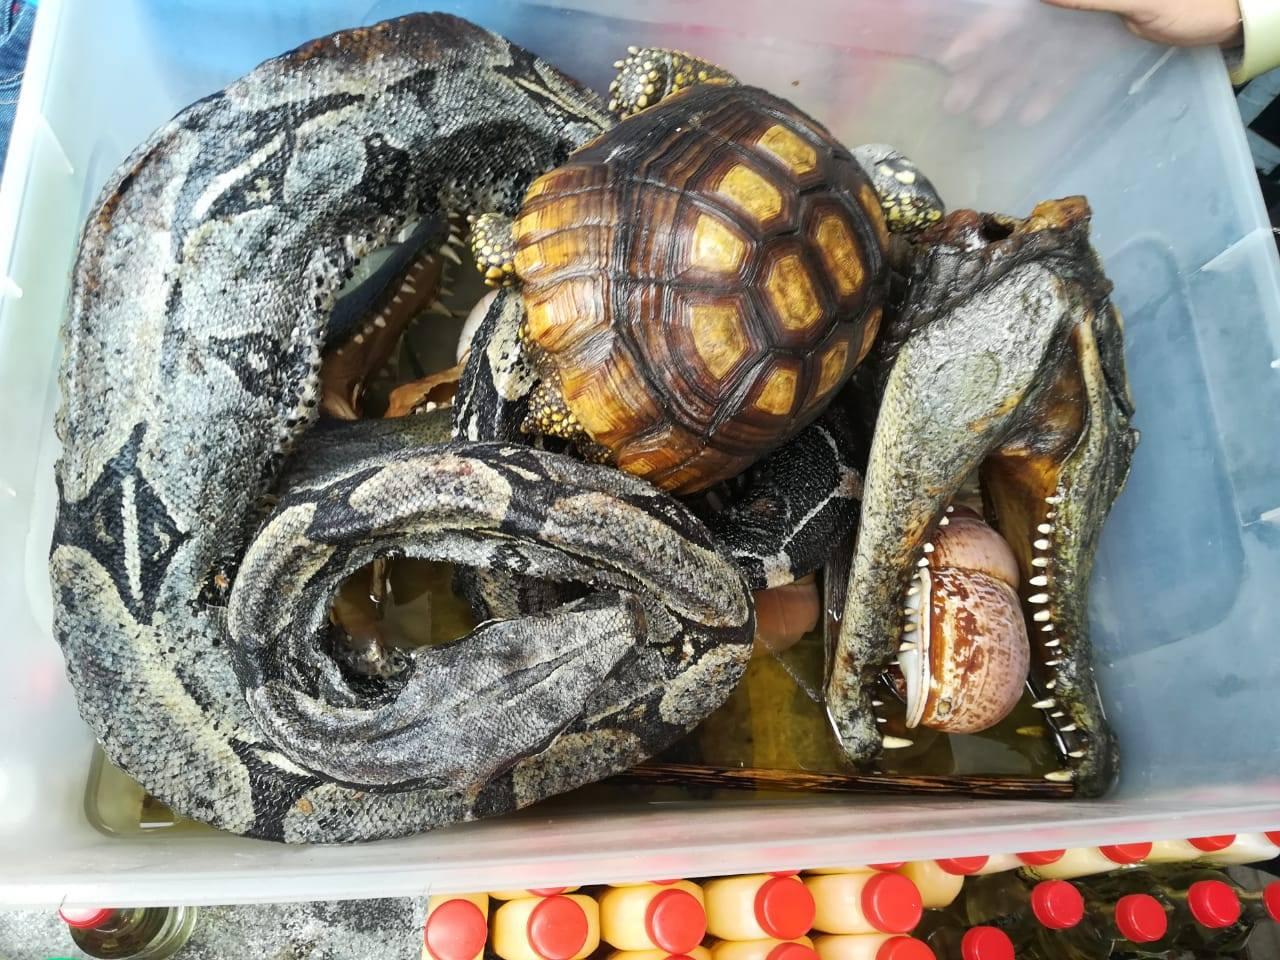 Culebras, caimanes y tortugas aparecen entre los animales incautados en operativo a galería de venta de fauna silvestre. Foto: Dirección del Medio Ambiente de la Policía Nacional.